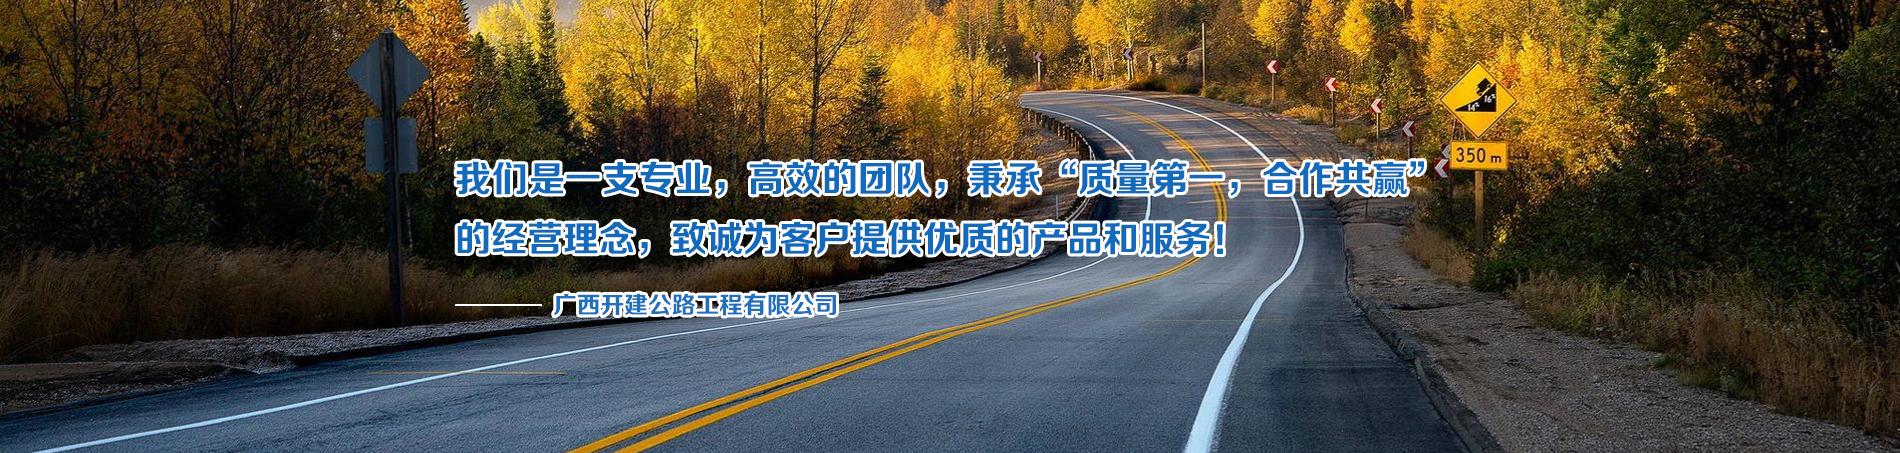 沥青工程,沥青工程施工,沥青路面施工